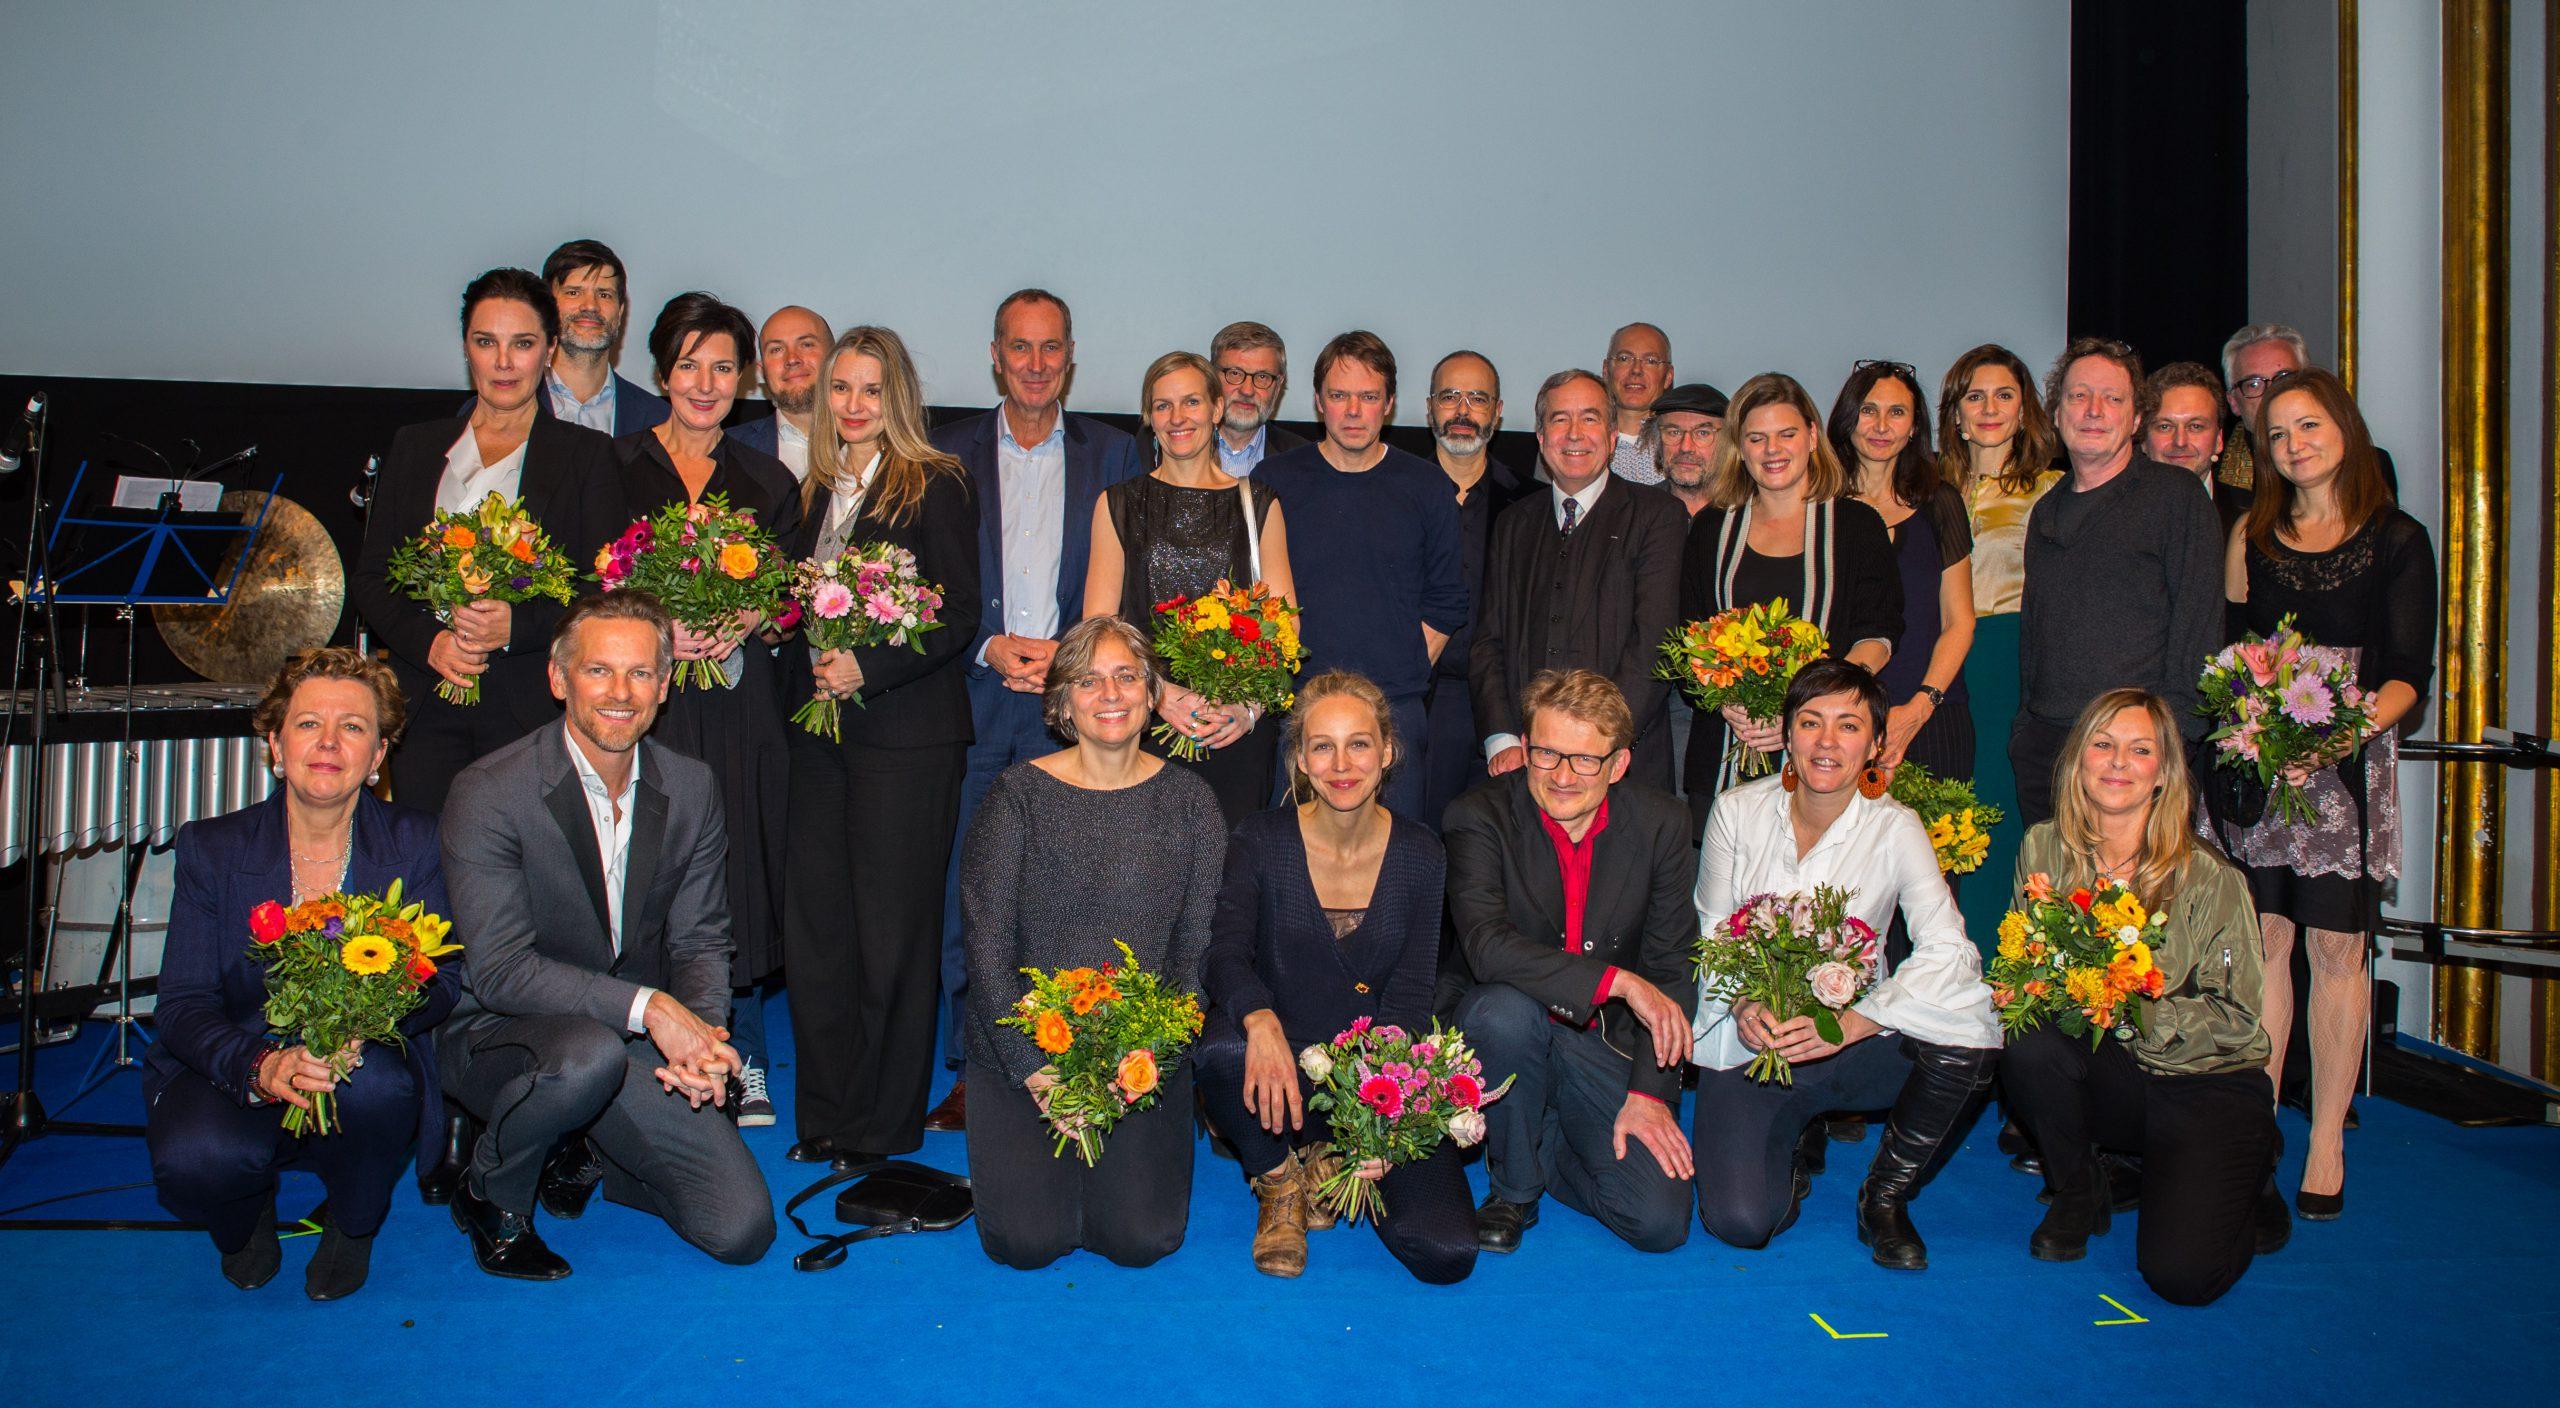 Gruppenbild aller Preisträger der DAfF-Auszeichnungen 2018